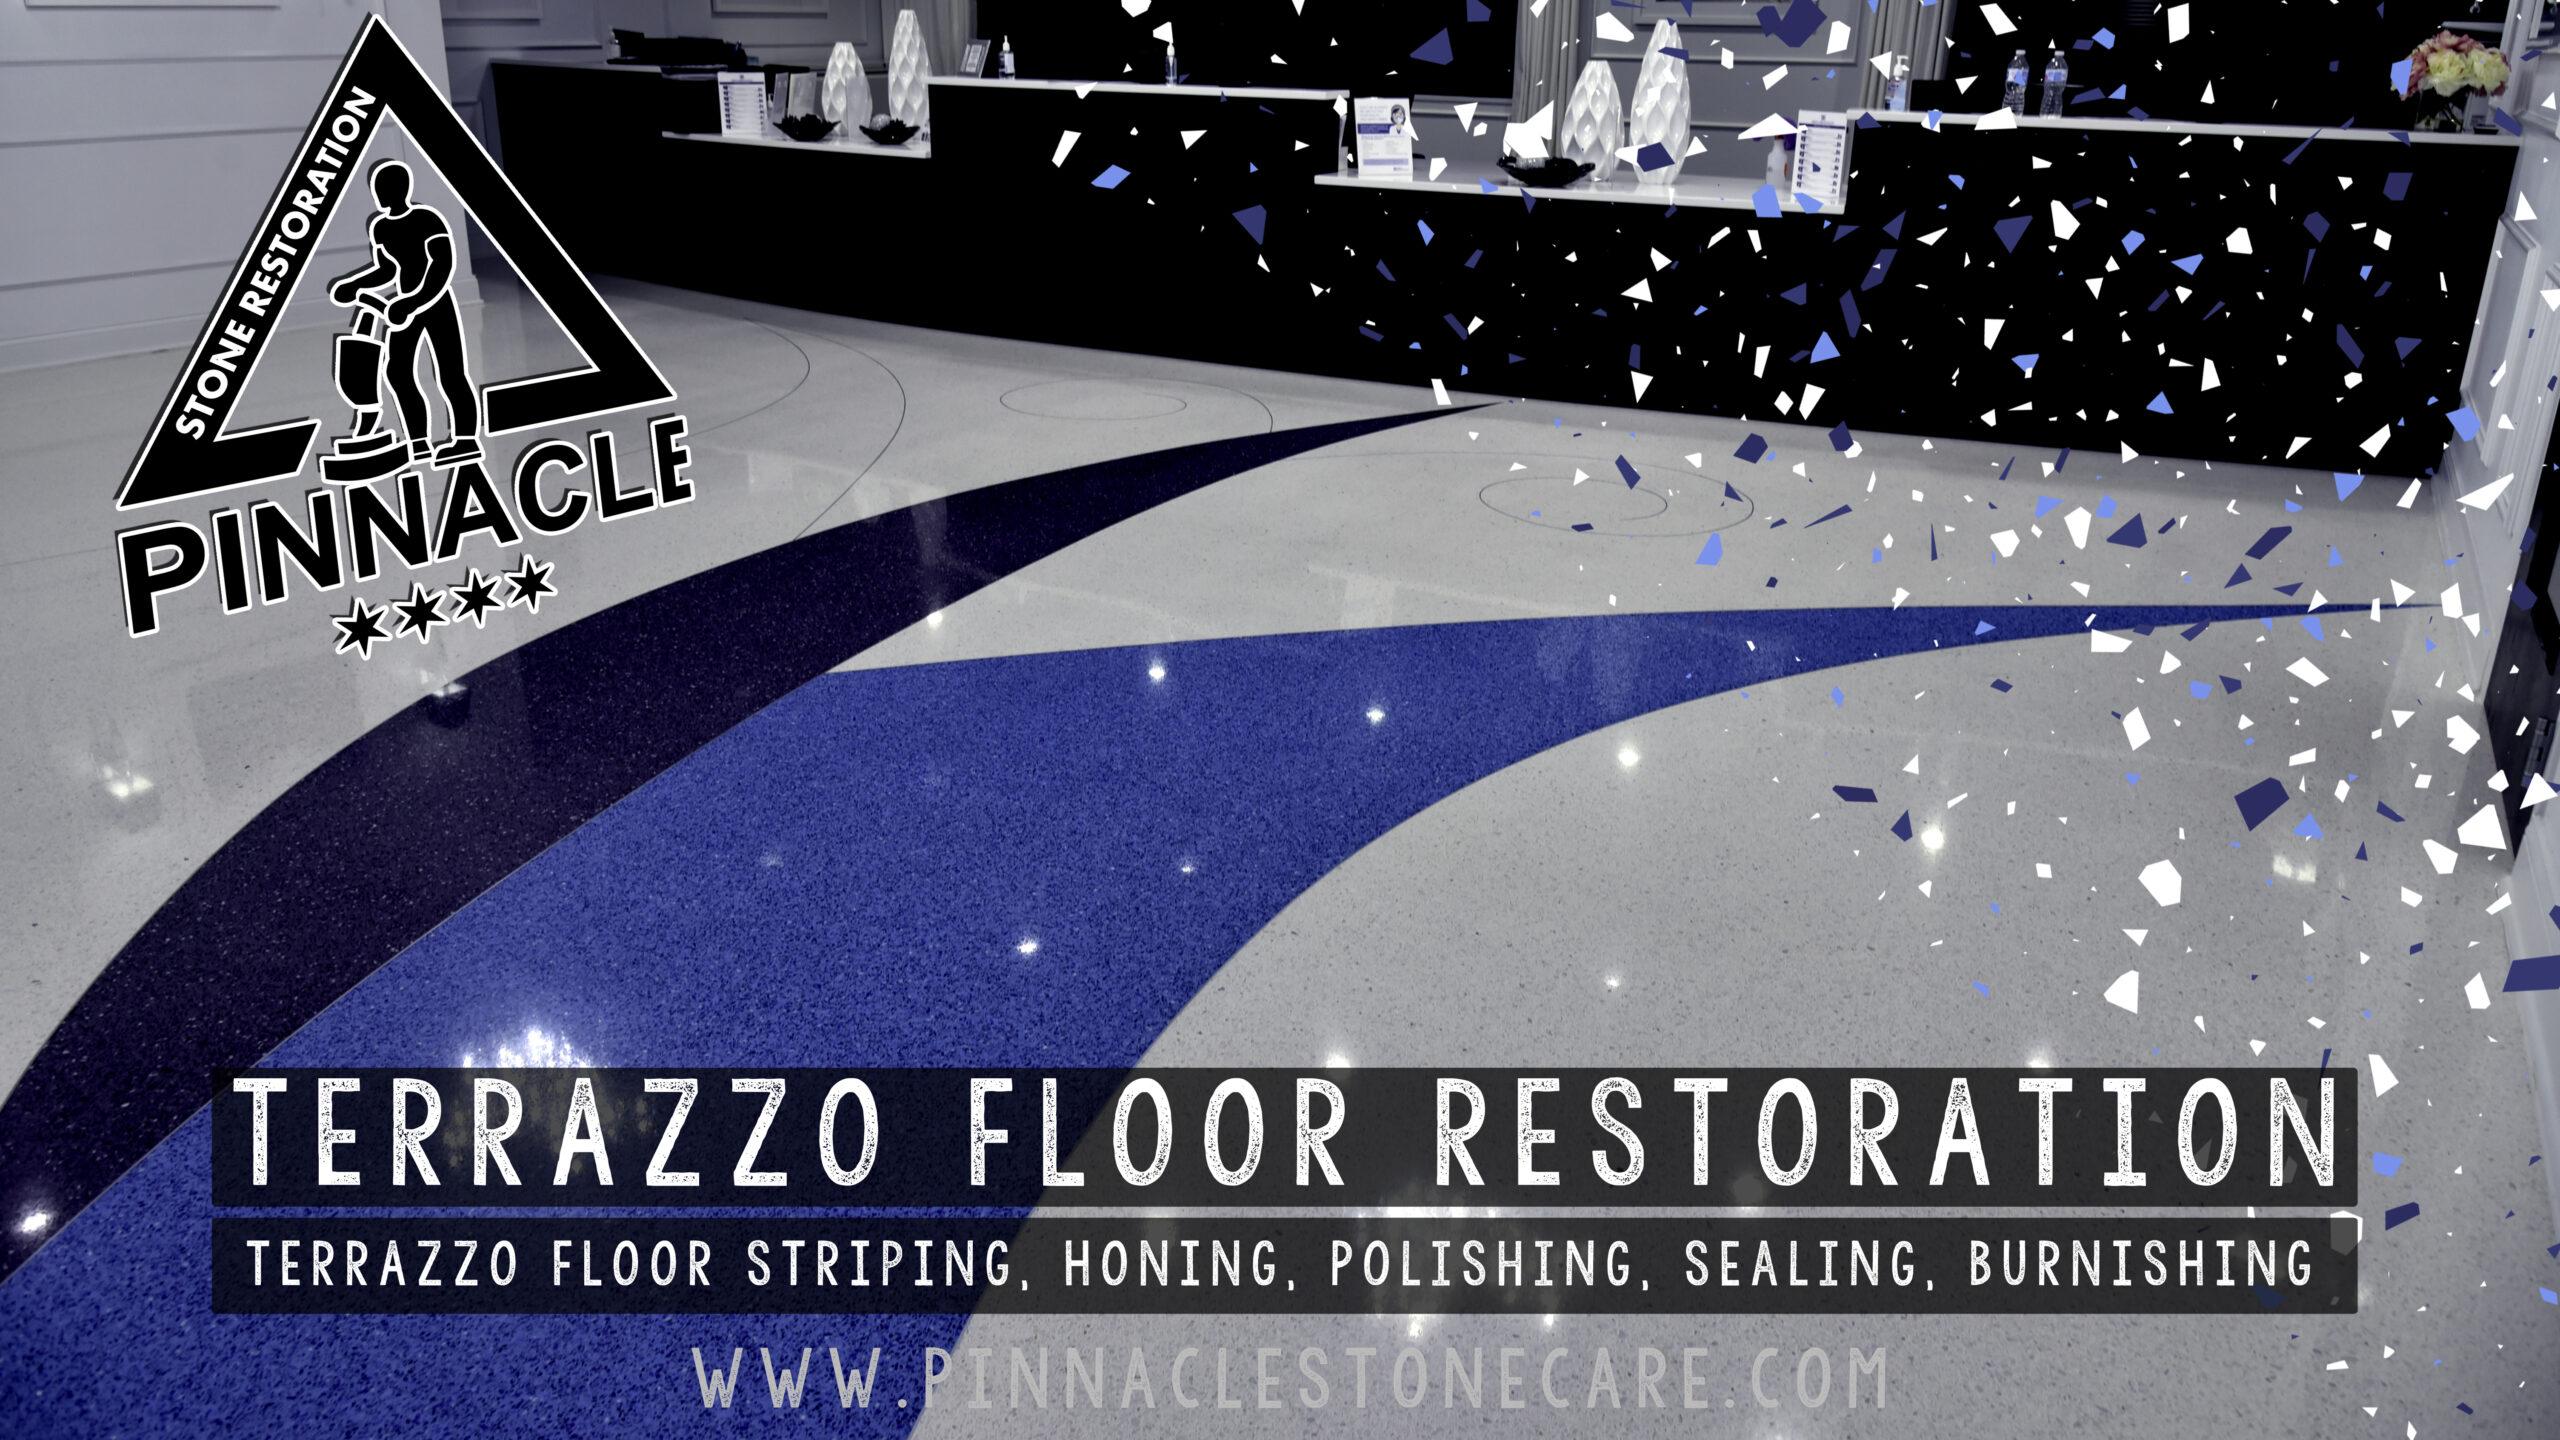 TERRAZZO FLOOR RESTORATION – Terrazzo floor stripping, honing, polishing, sealing, buffing (Terrazzo Refinishing Steps)